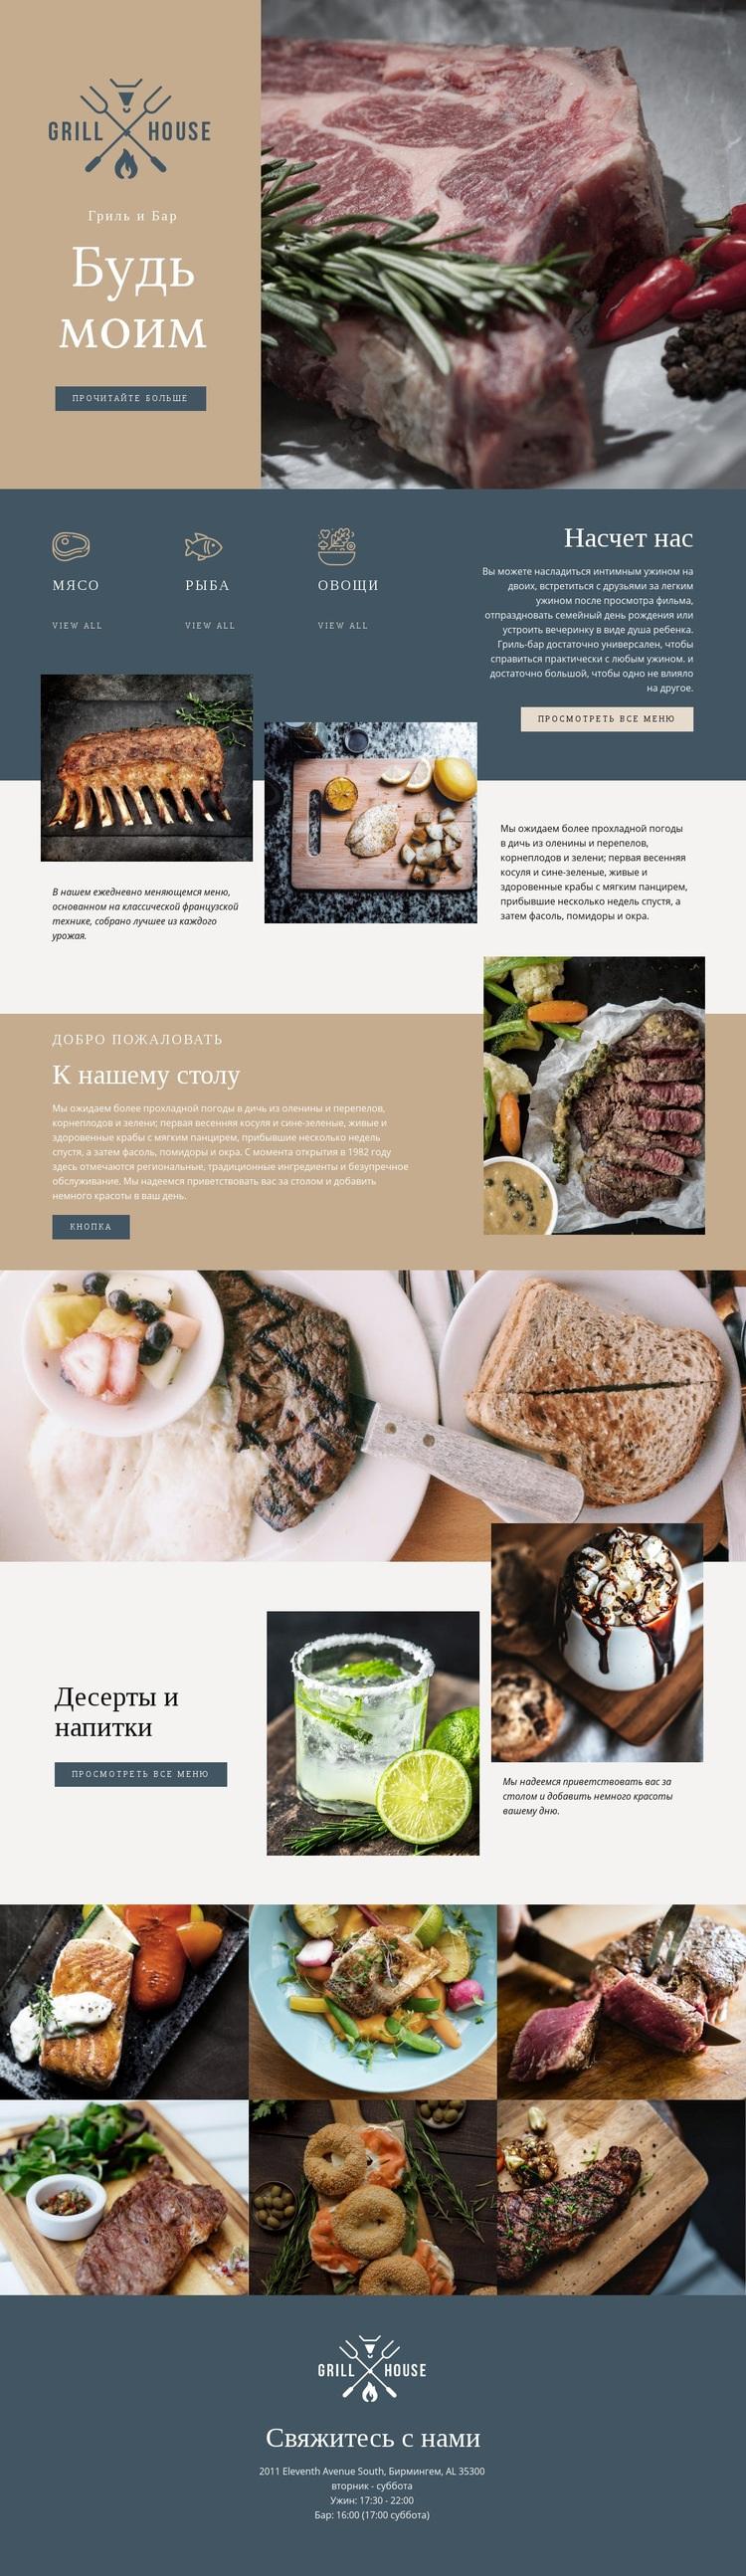 Лучший ресторан-гриль-хаус HTML шаблон